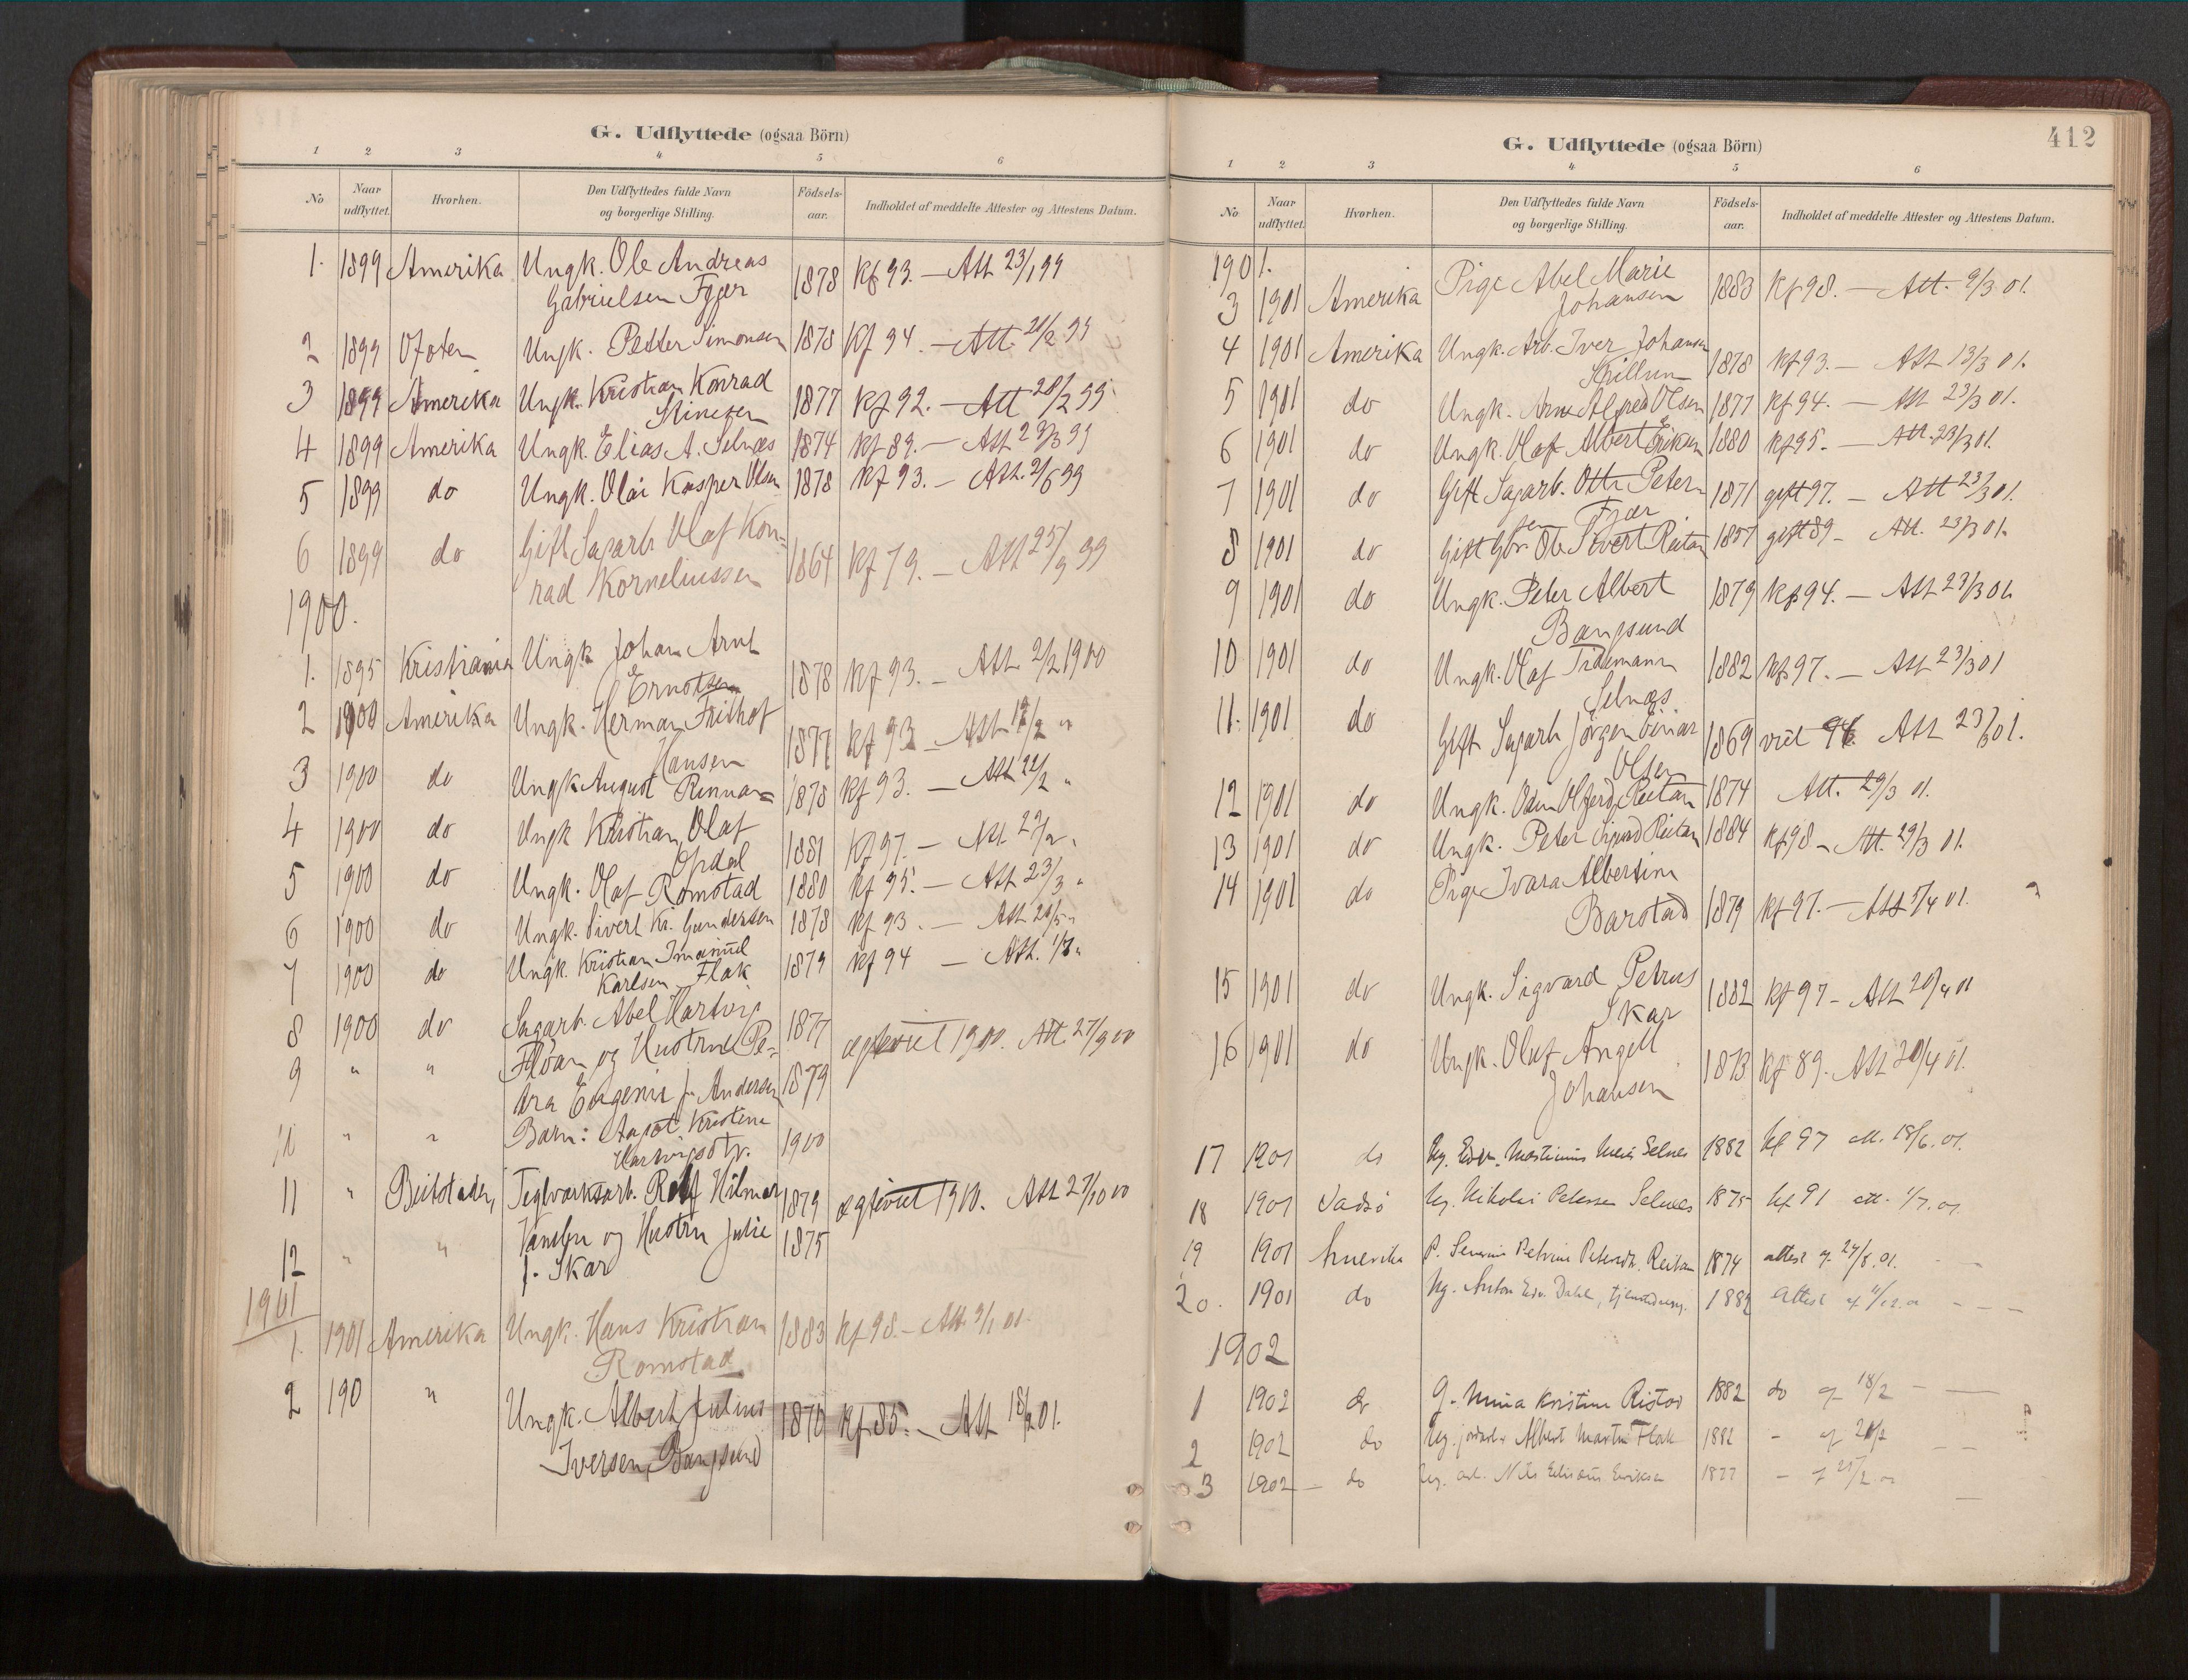 SAT, Ministerialprotokoller, klokkerbøker og fødselsregistre - Nord-Trøndelag, 770/L0589: Ministerialbok nr. 770A03, 1887-1929, s. 412